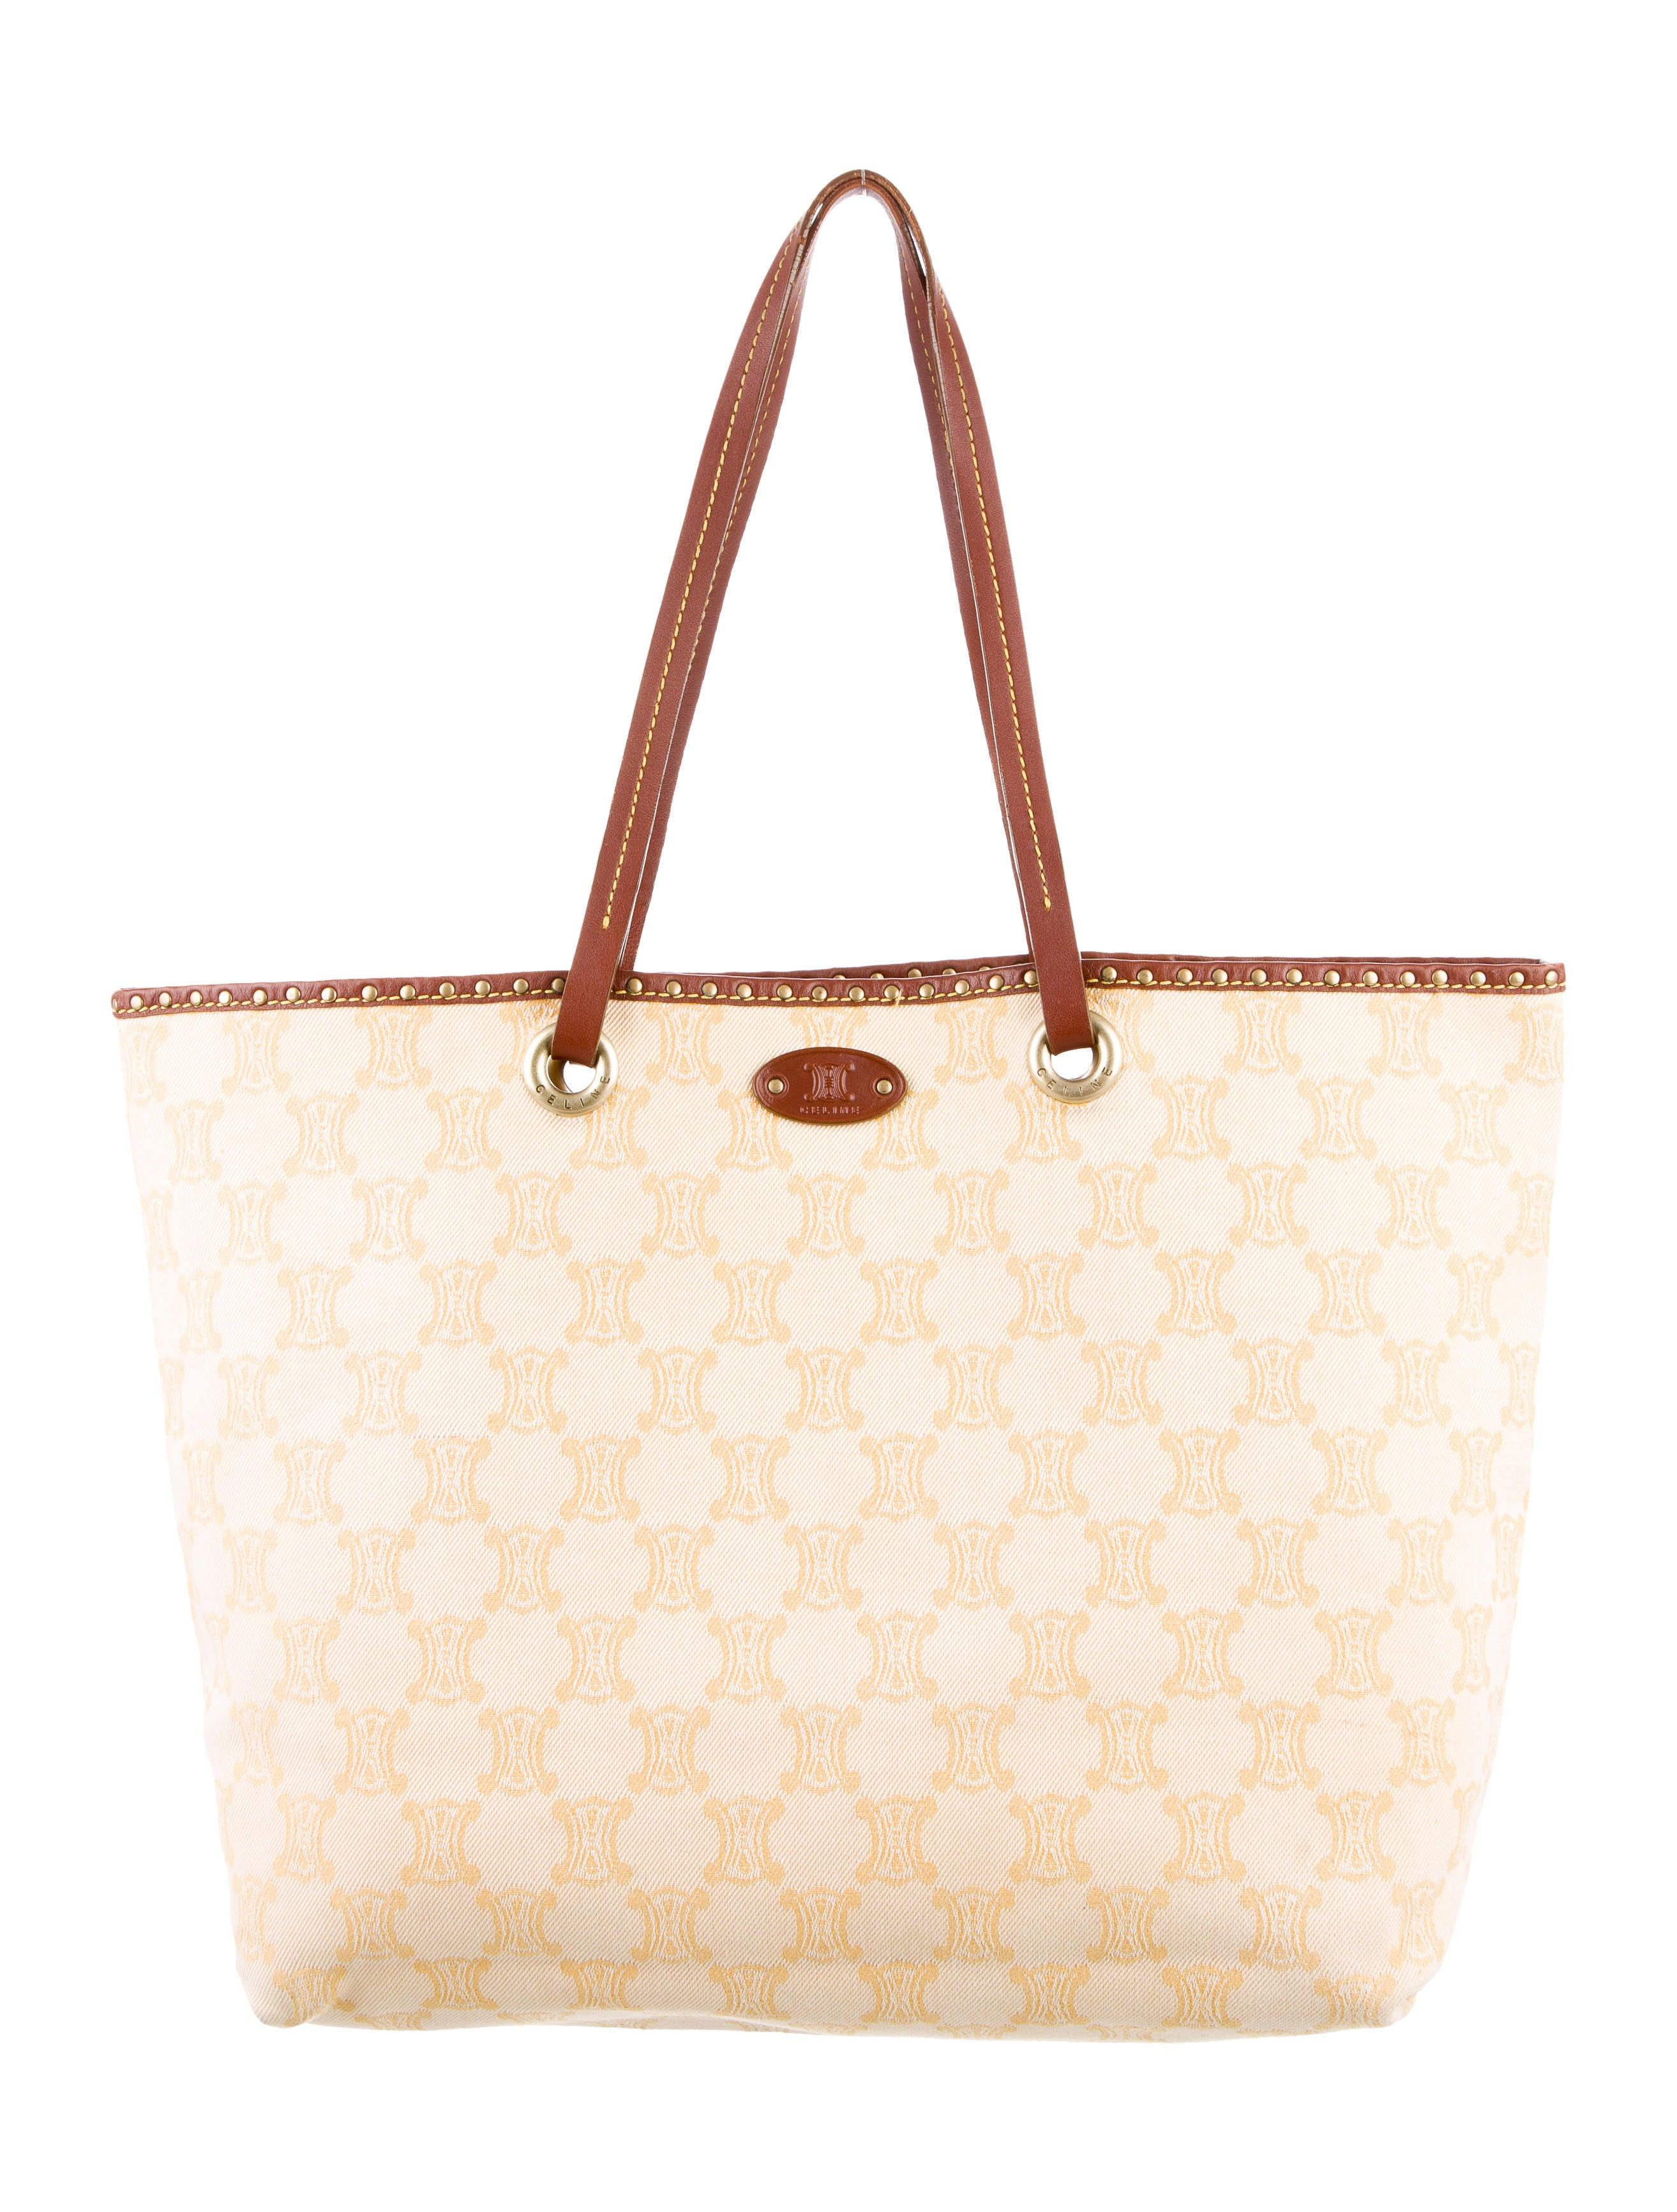 Céline Leather Trimmed Jacquard Tote - Handbags - CEL51653  08ea78c4af271